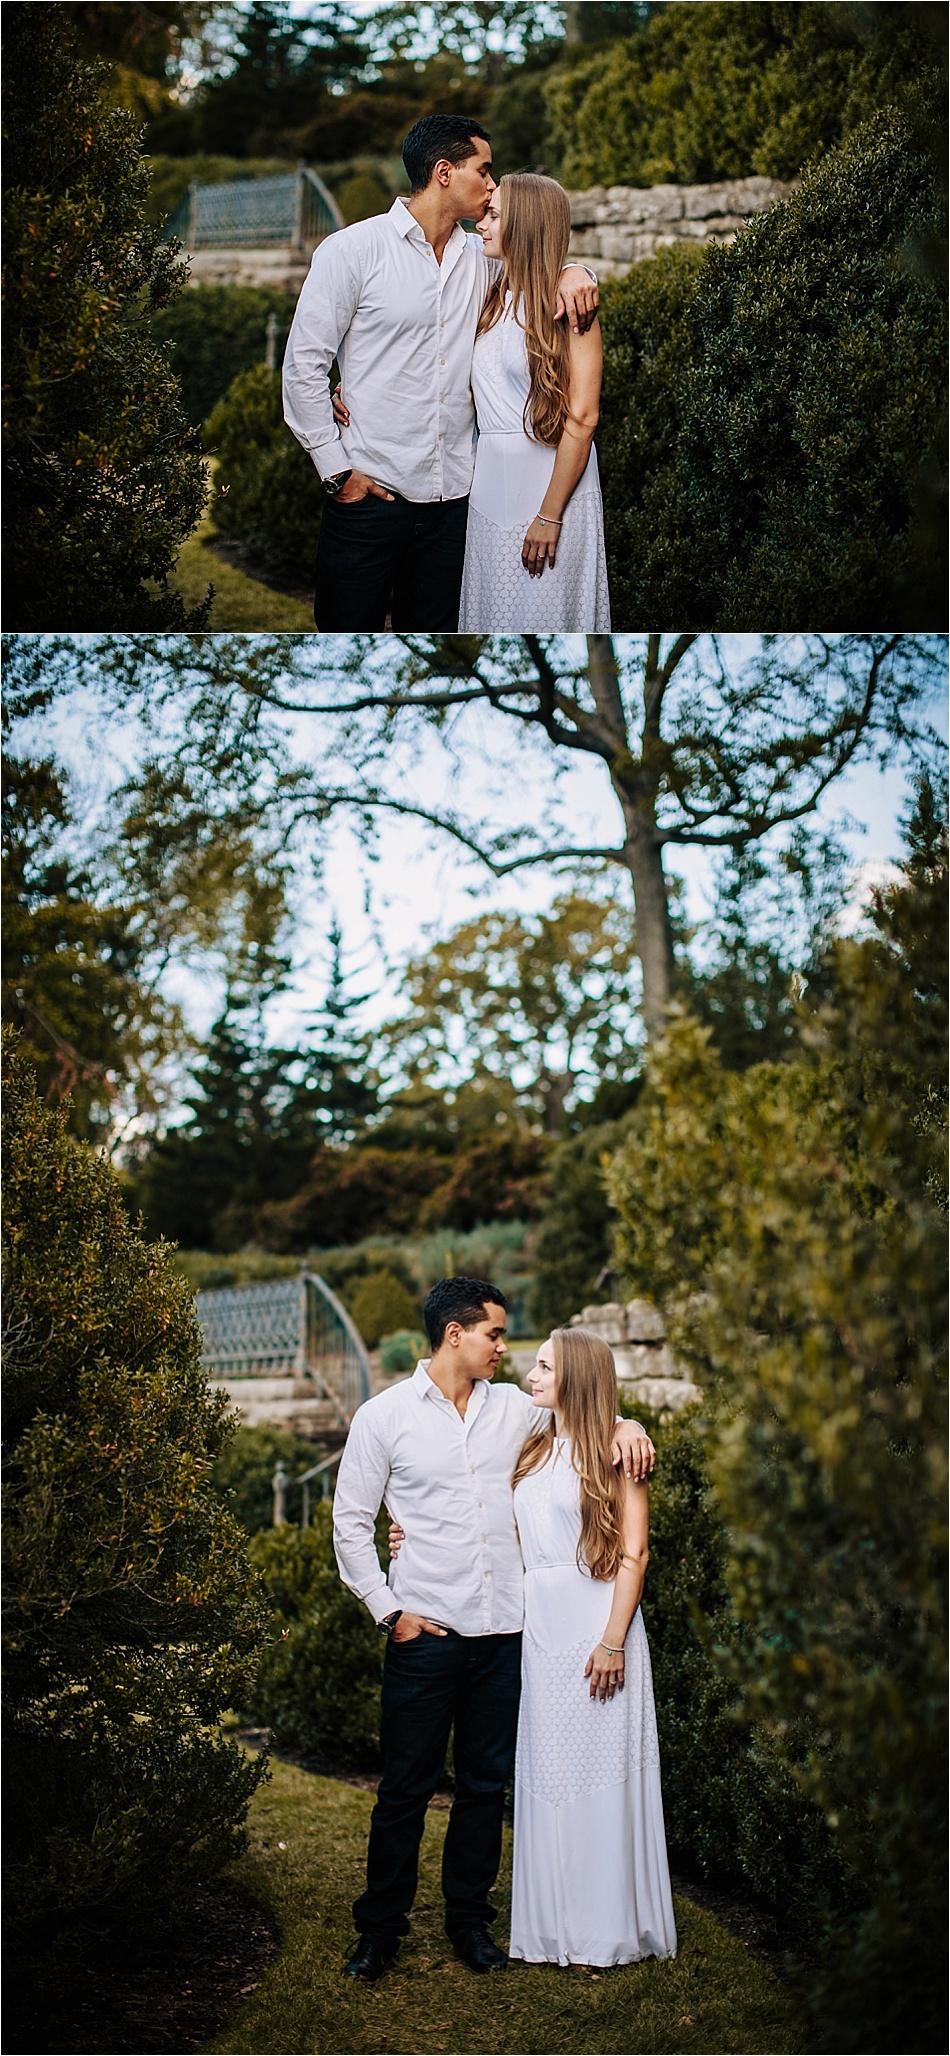 CK-Photo-Nashville-engagement-wedding-photographer-cheekwood